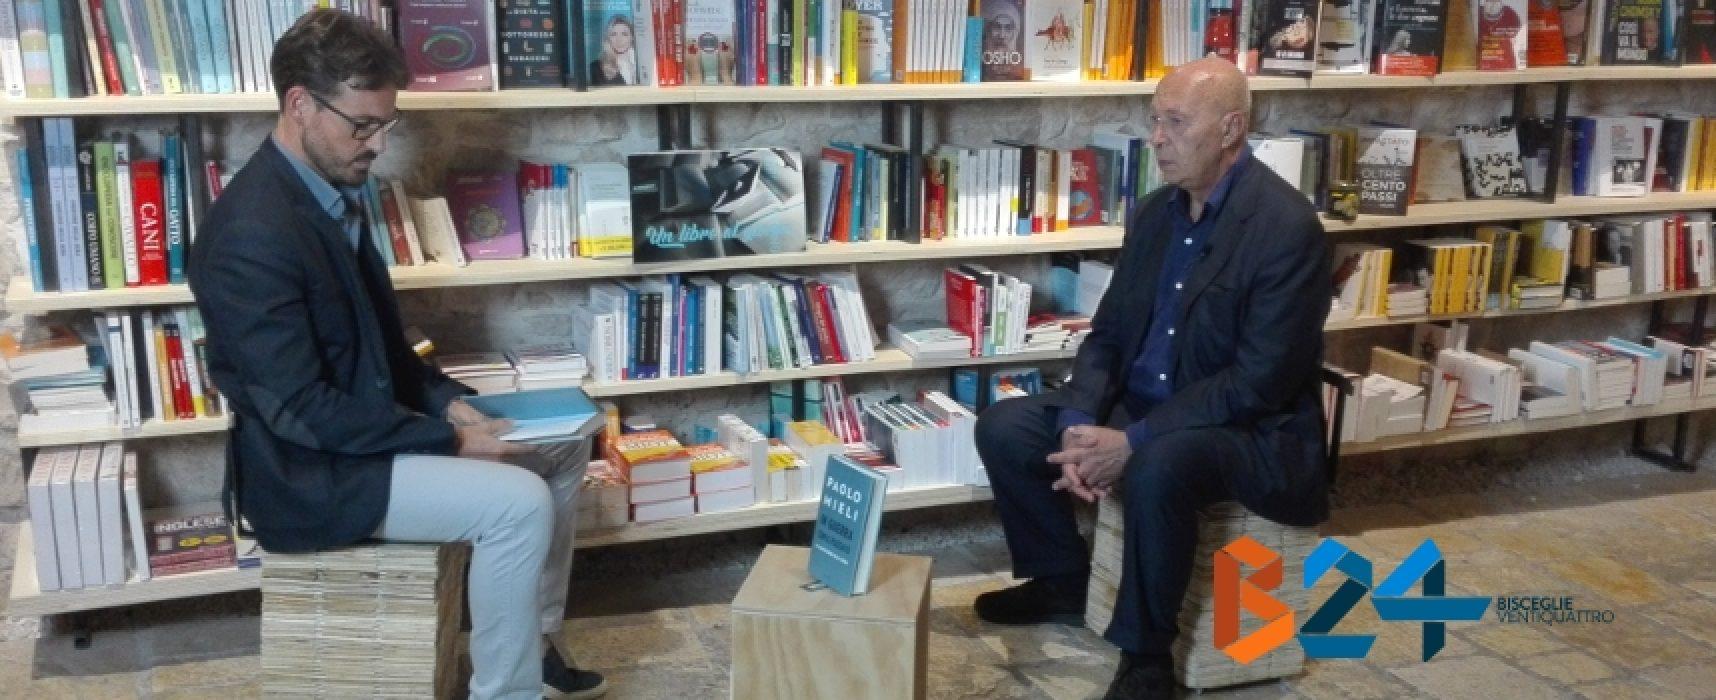 """Libri nel Borgo Antico, Piazza Castello gremita per Paolo Mieli e il suo """"In guerra con il passato"""""""